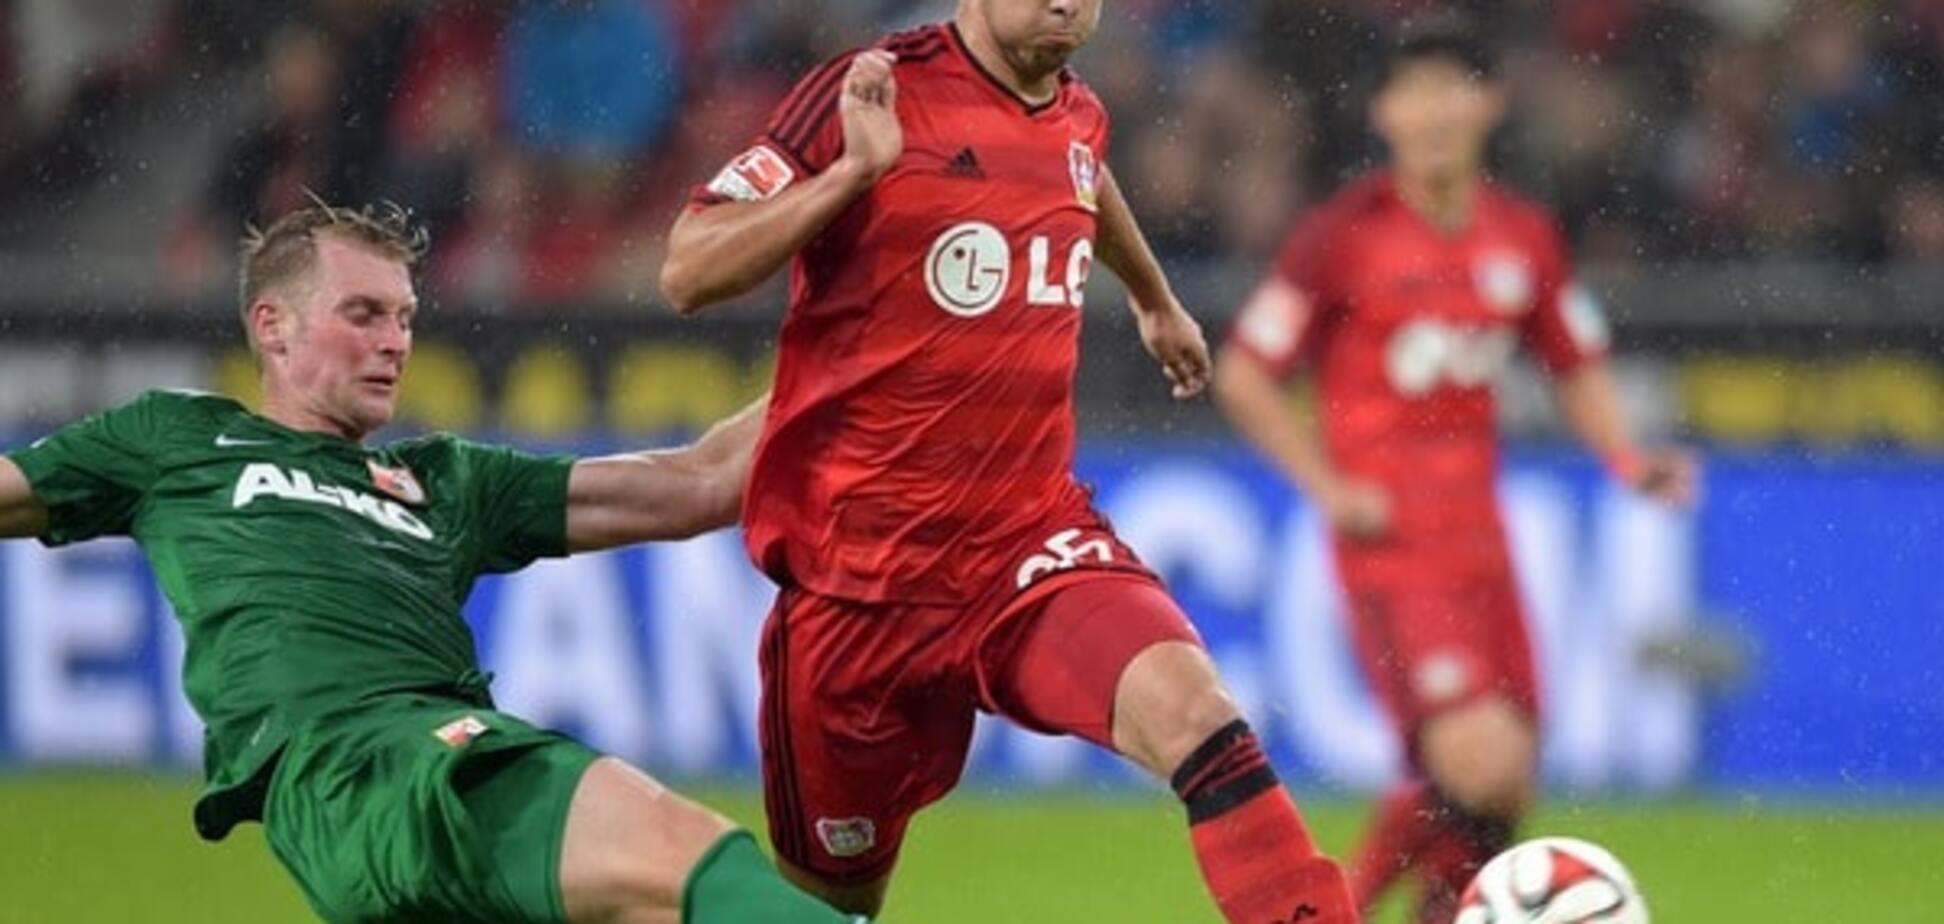 Український футболіст отримав у Німеччині серйозну травму